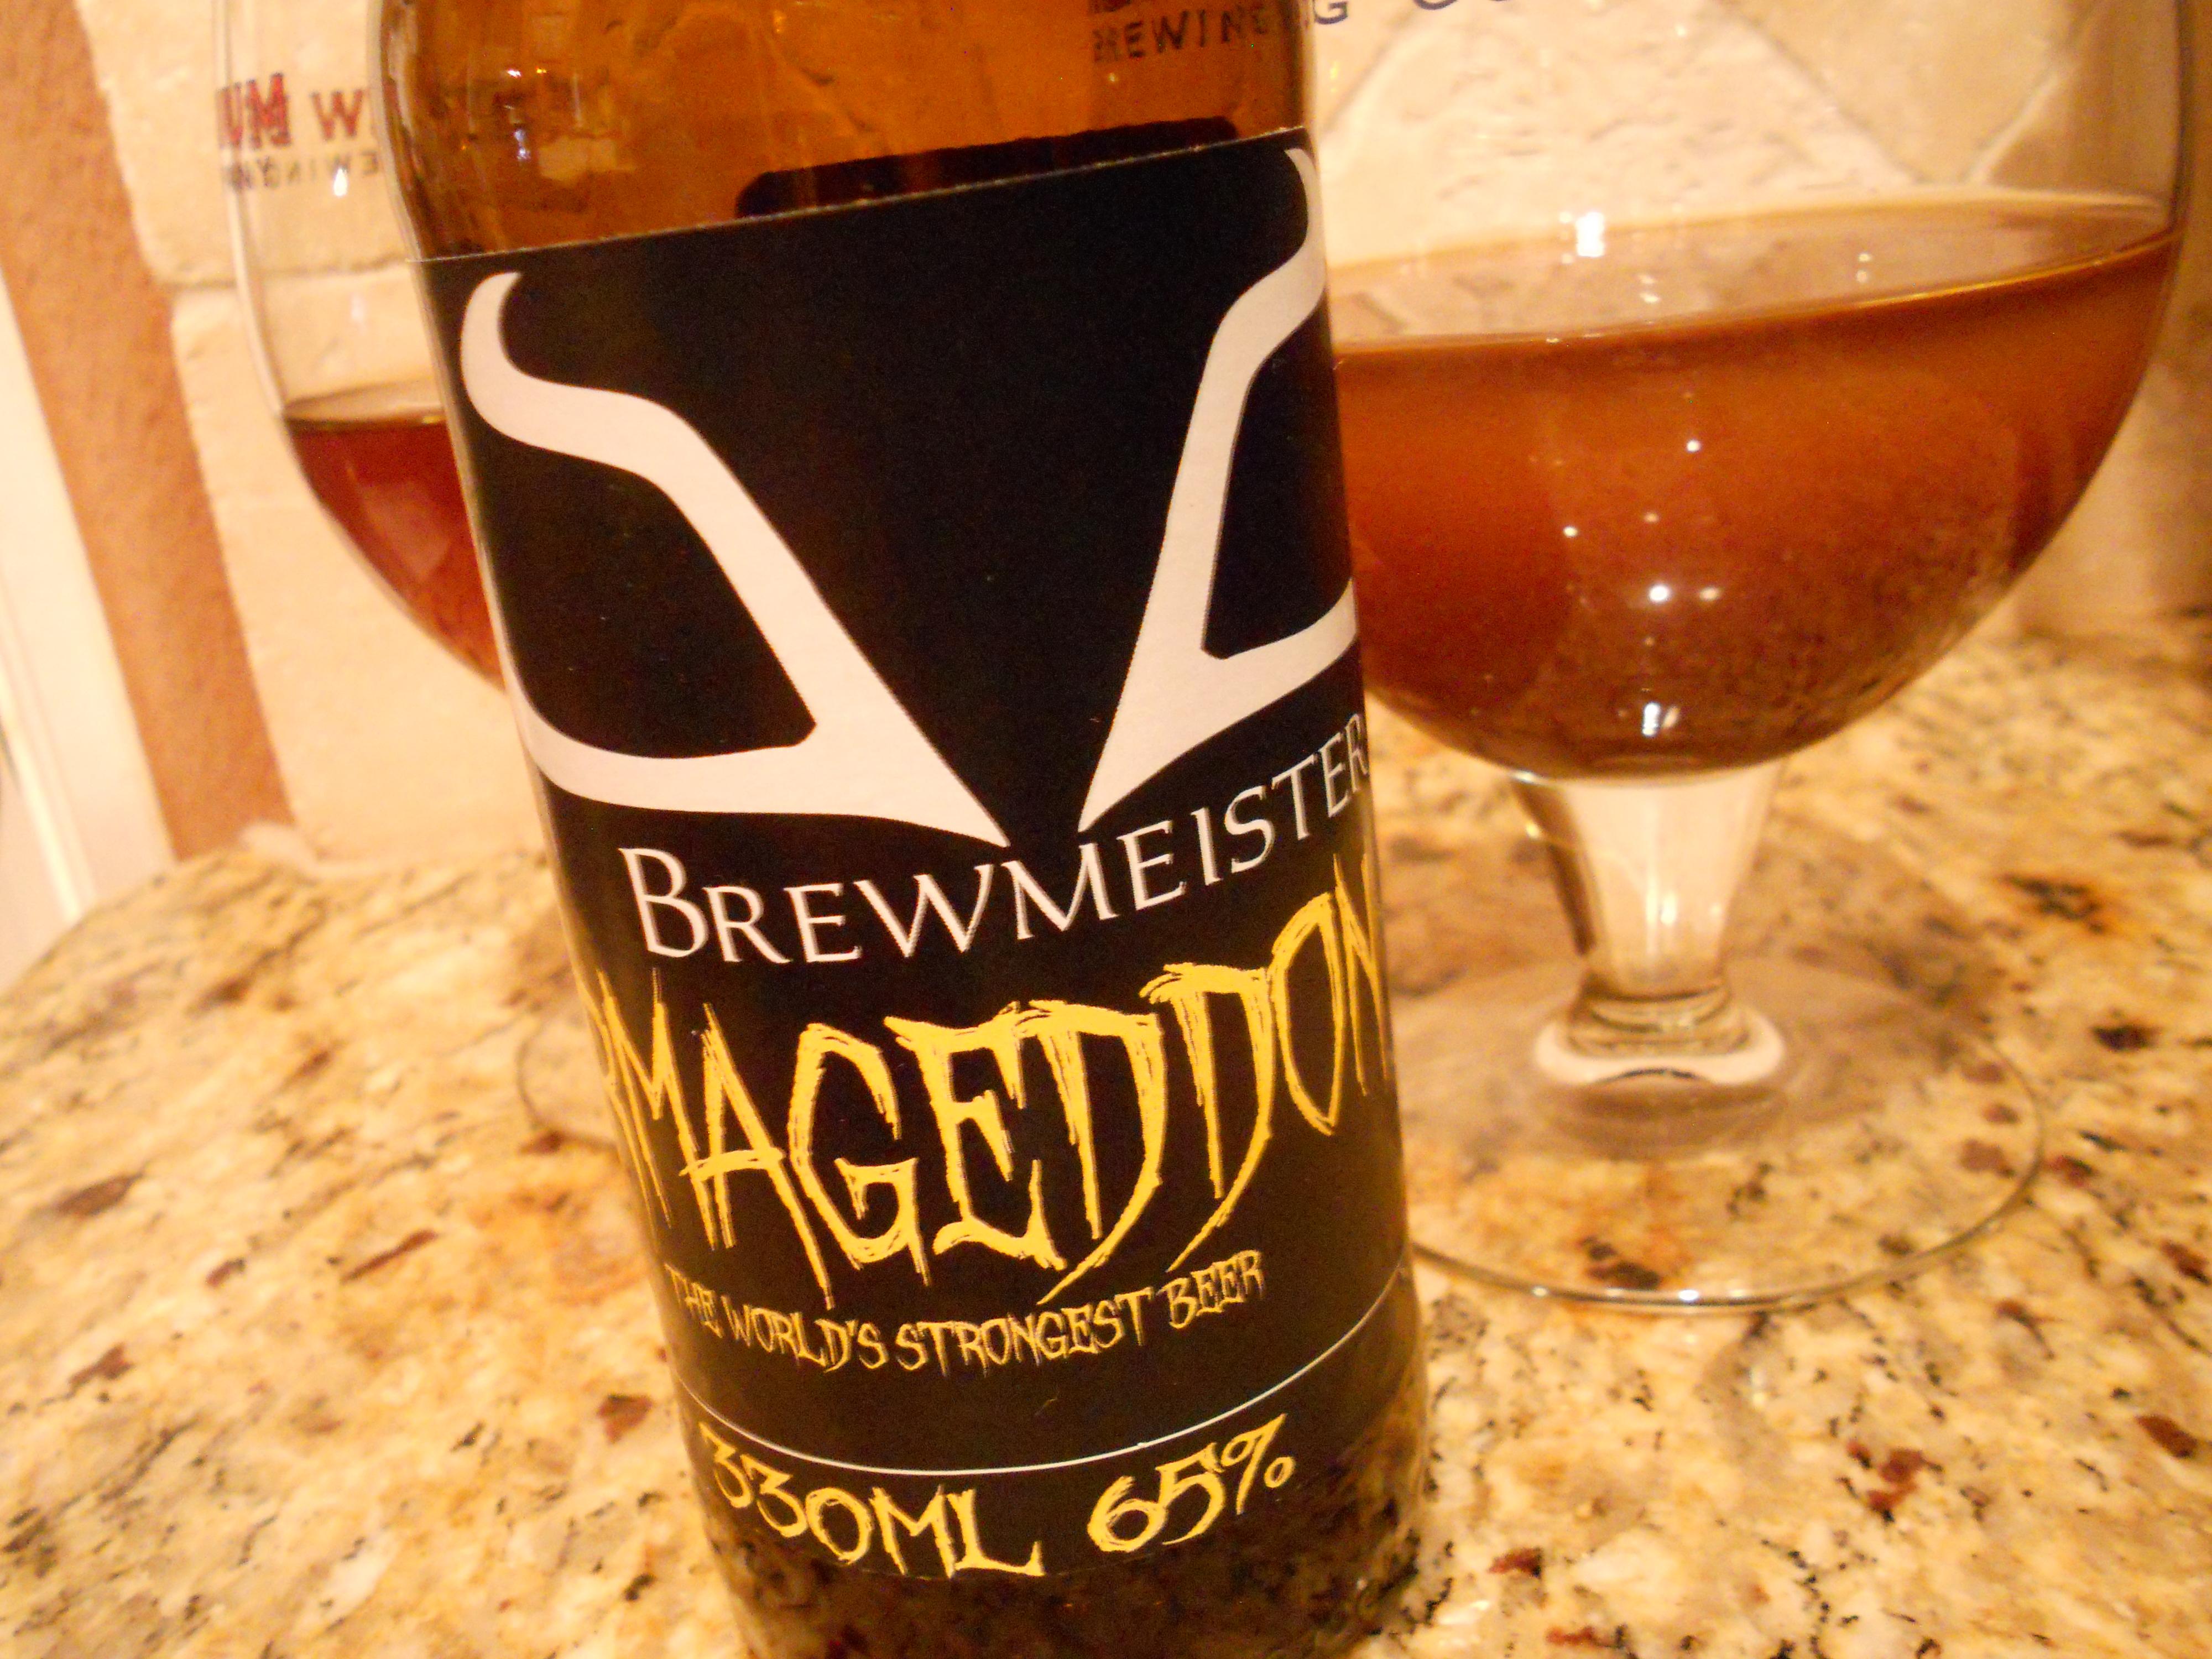 Armageddon - самое крепкое пиво в мире